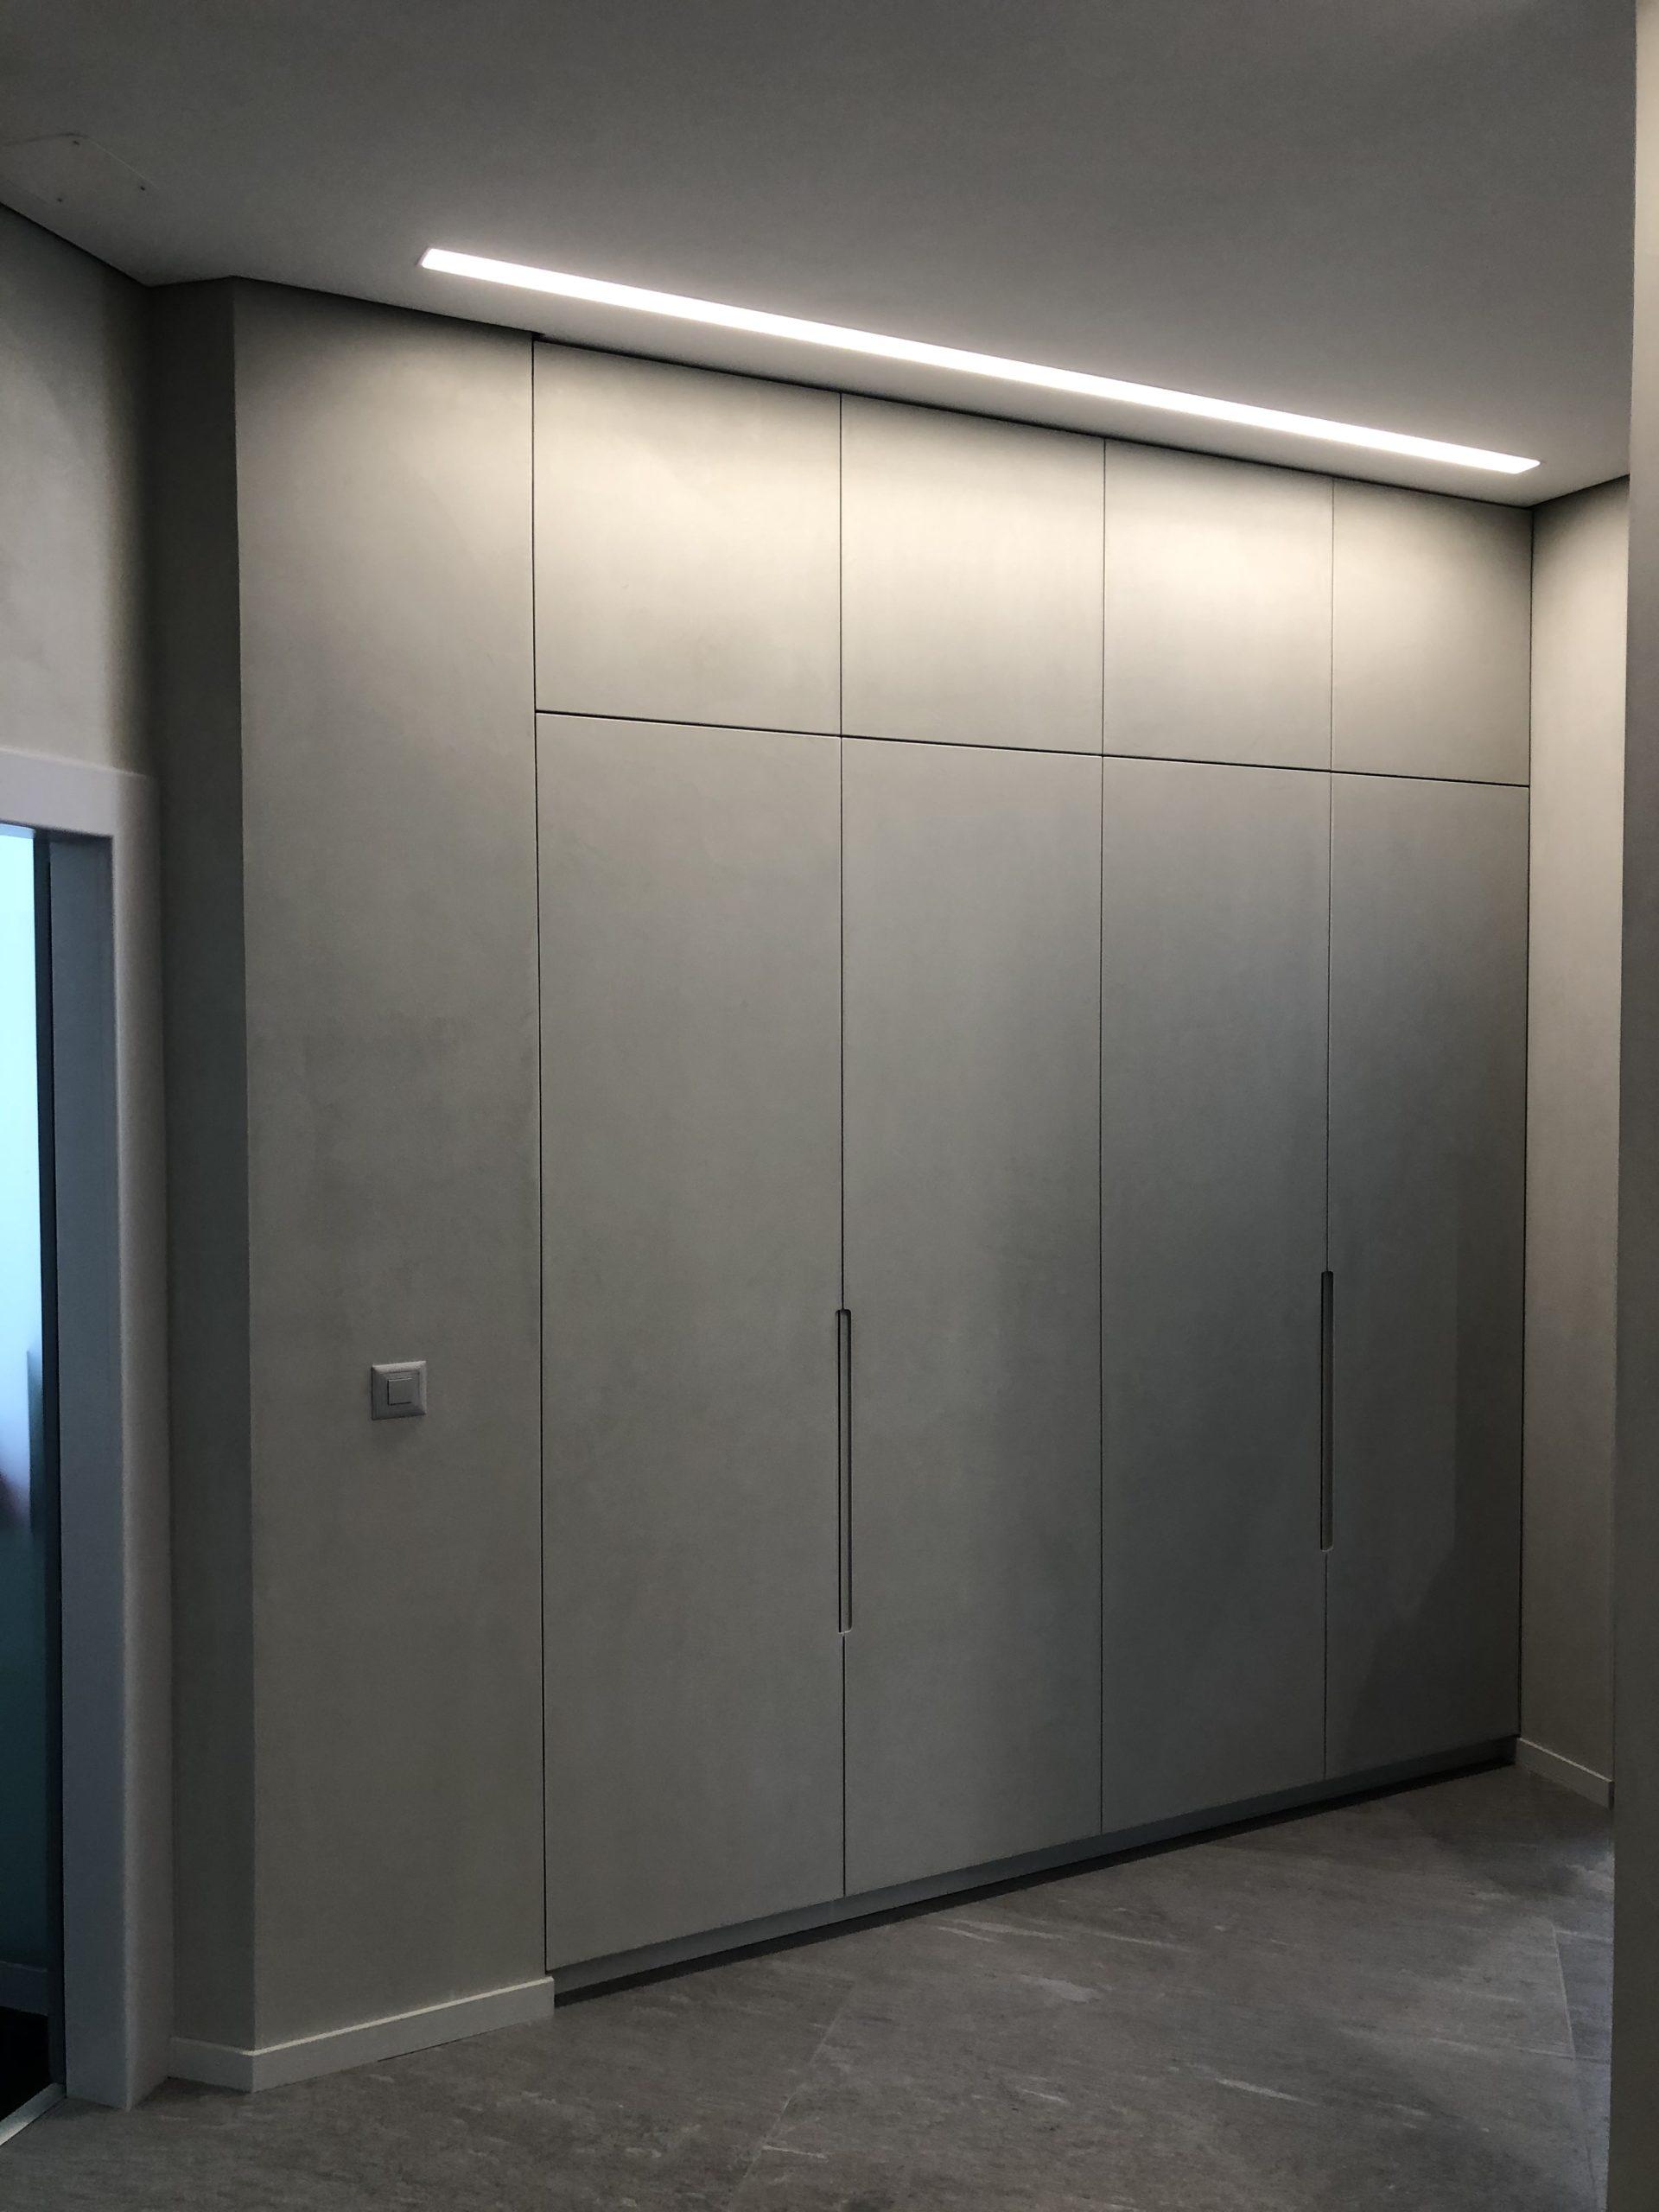 Portes d'armoires recouvertes également par l'enduit à la chaux